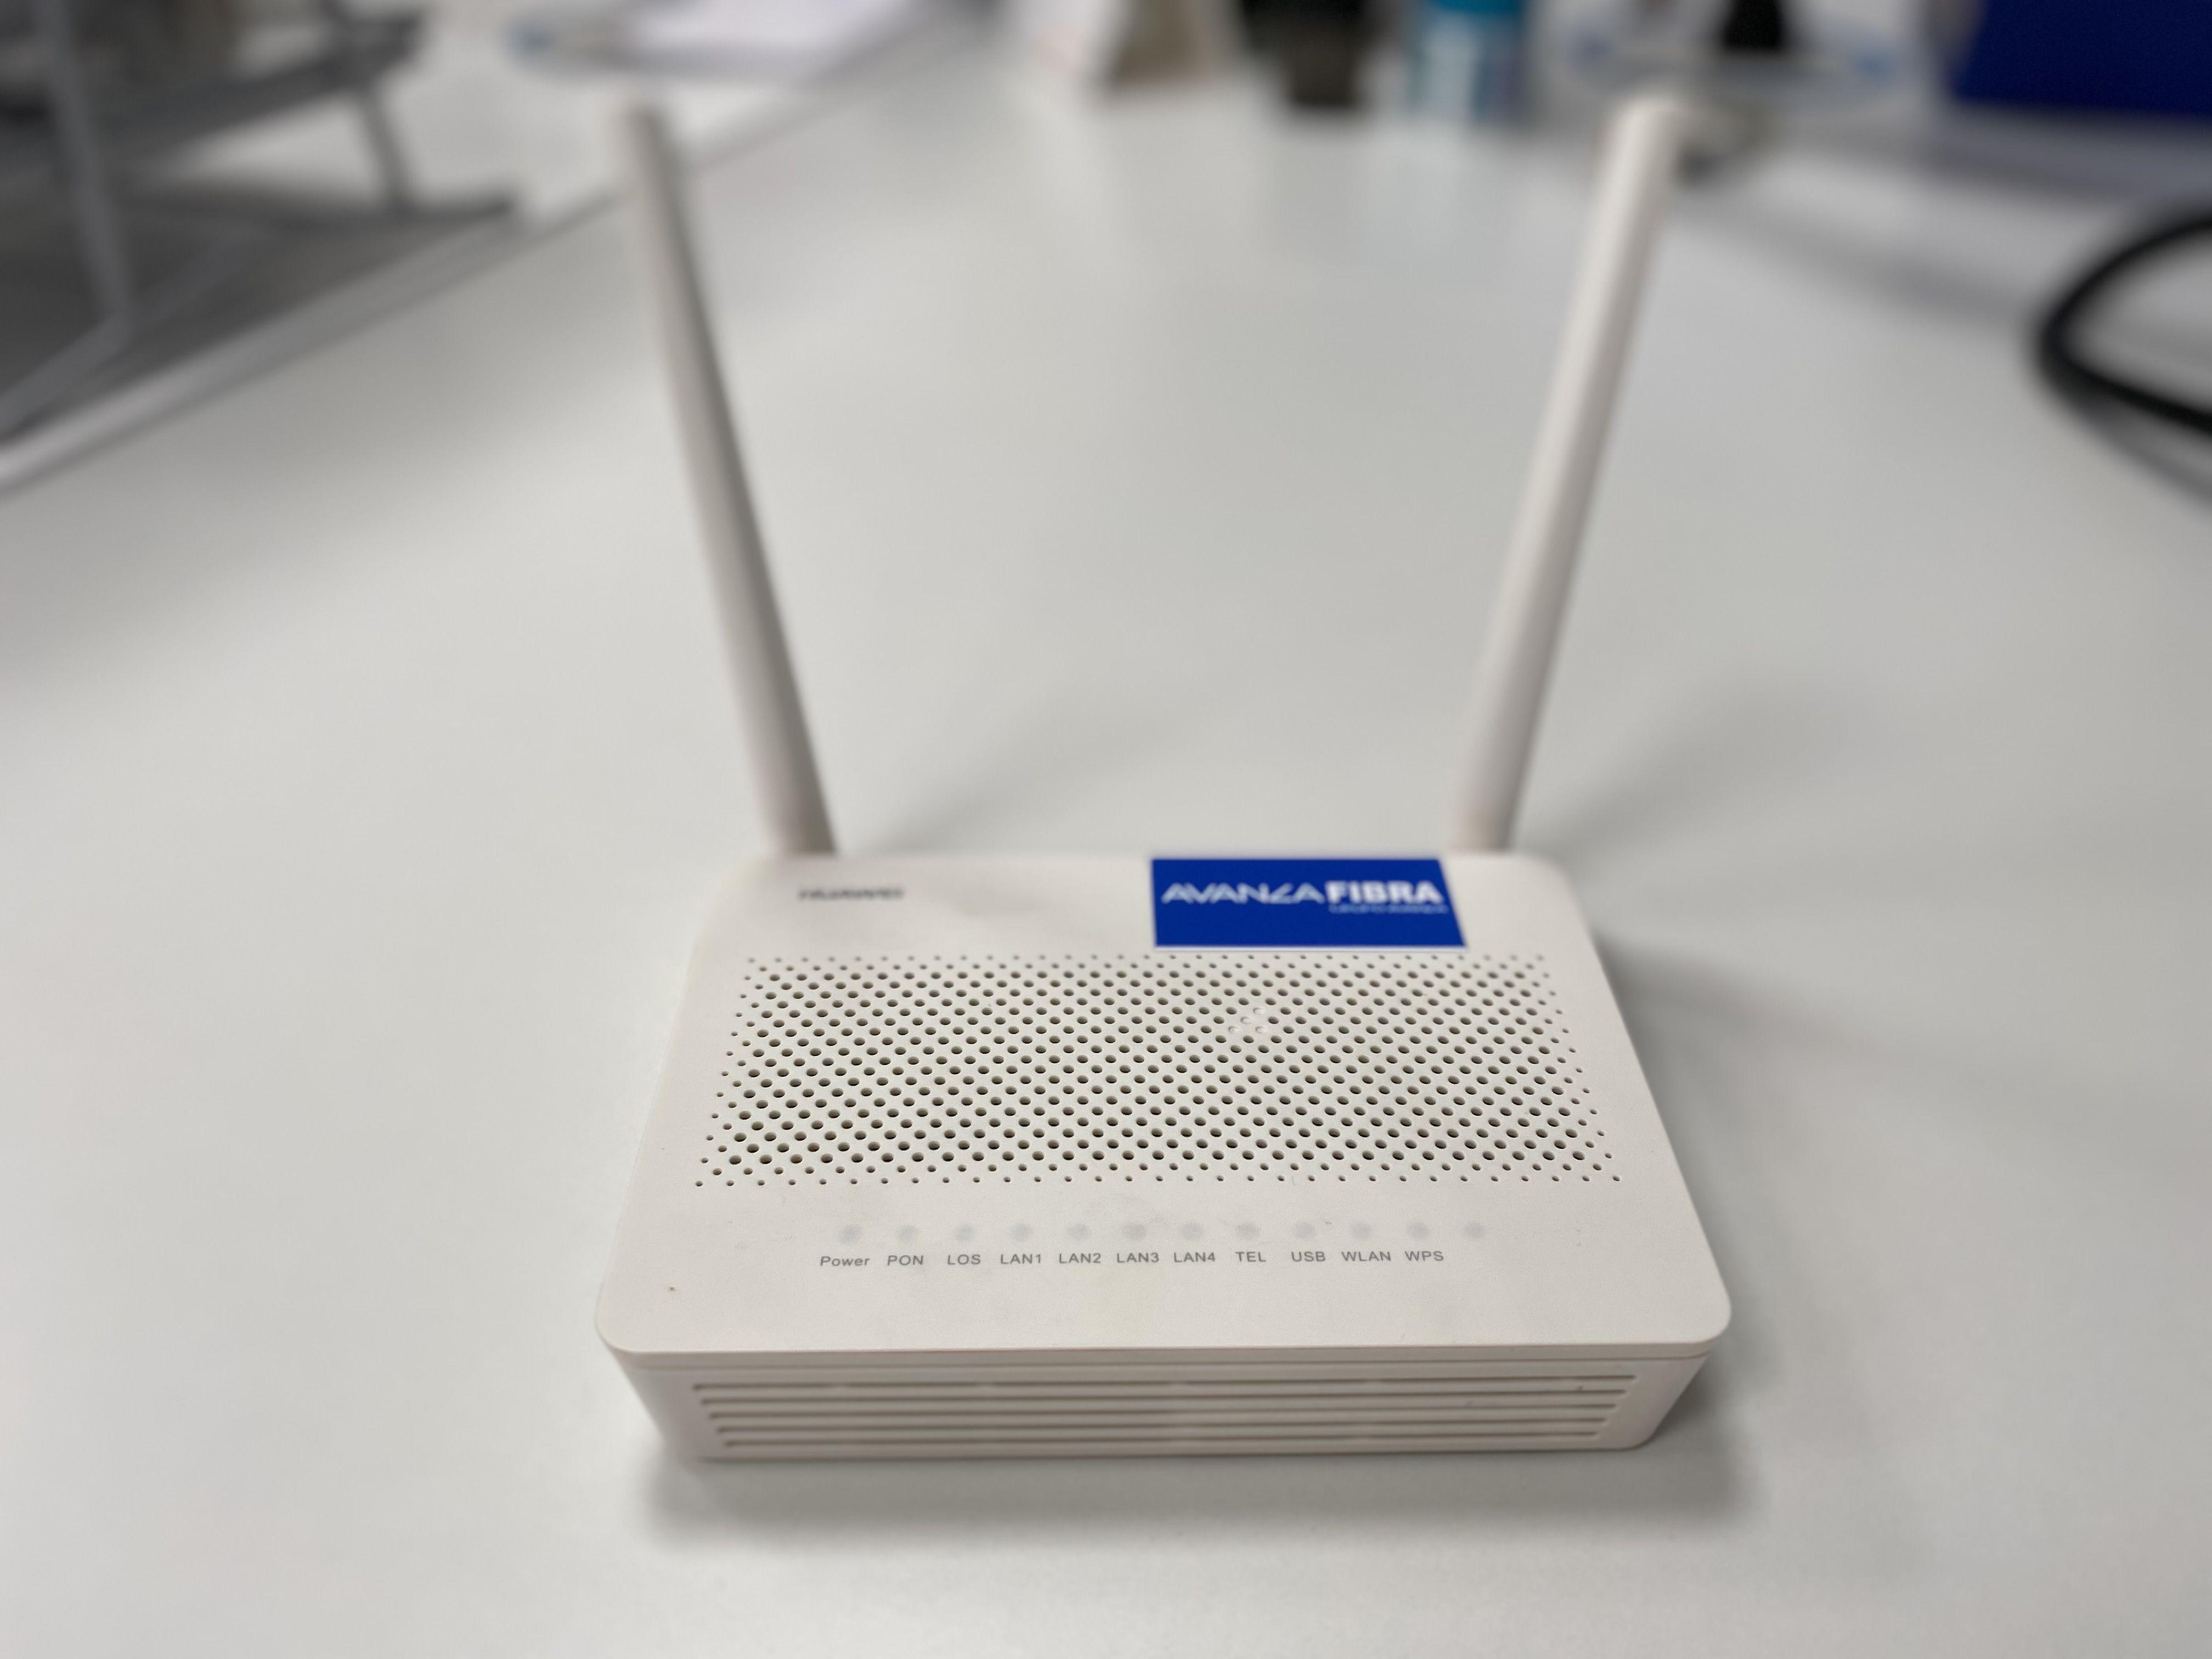 Foto de El consumo de un router wifi cuesta menos de 1 euro en la